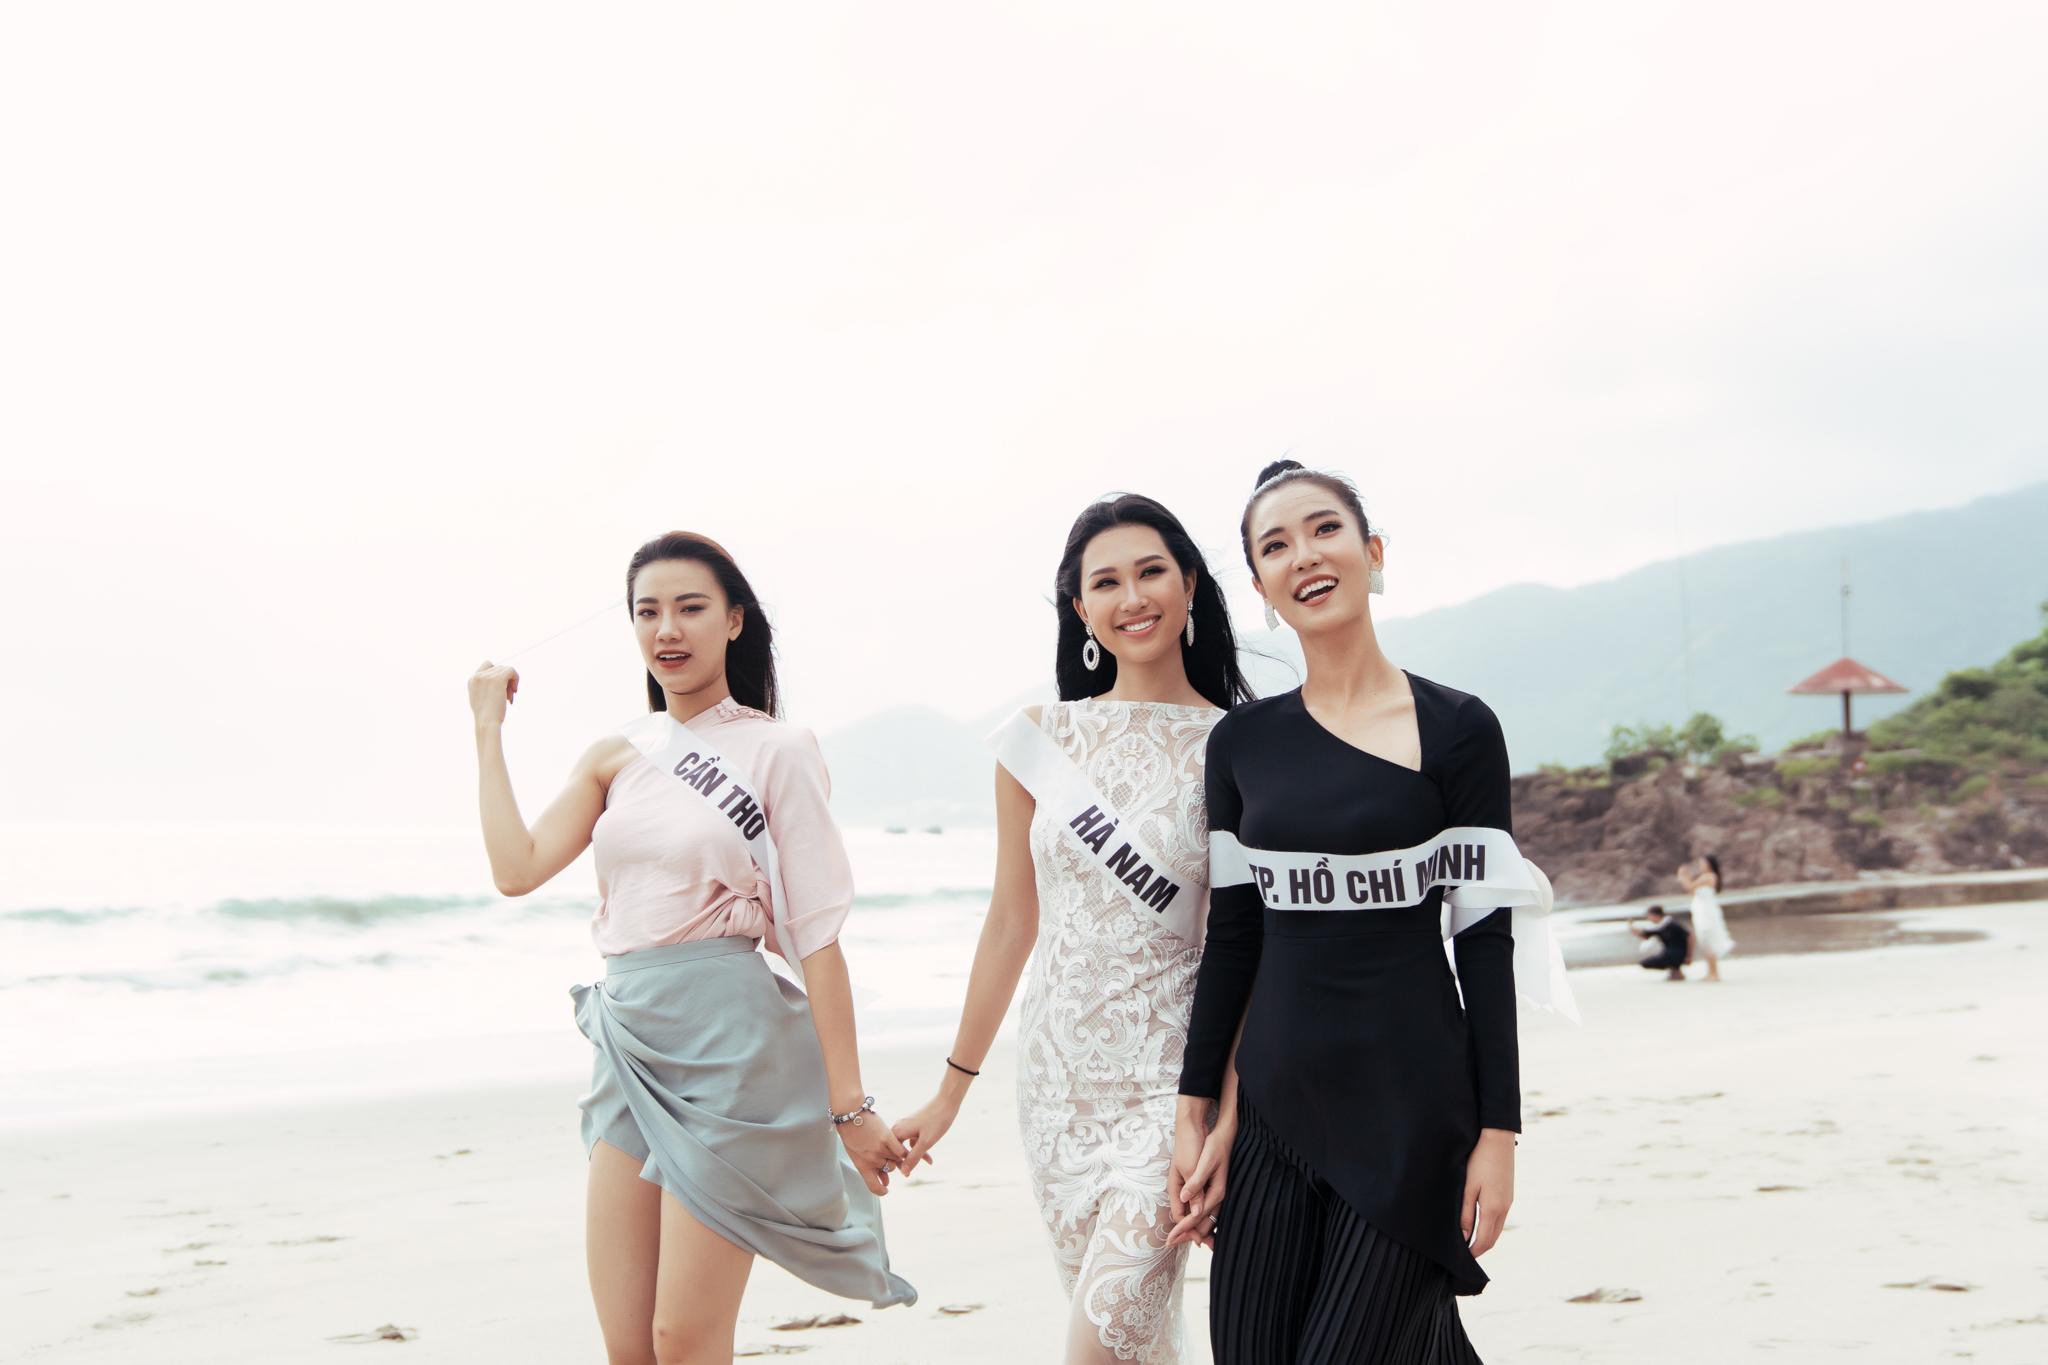 Top 45 thí sinh HHHV Việt Nam 2019 hóa nàng thơ tại bãi biển Nhũ Tiên2